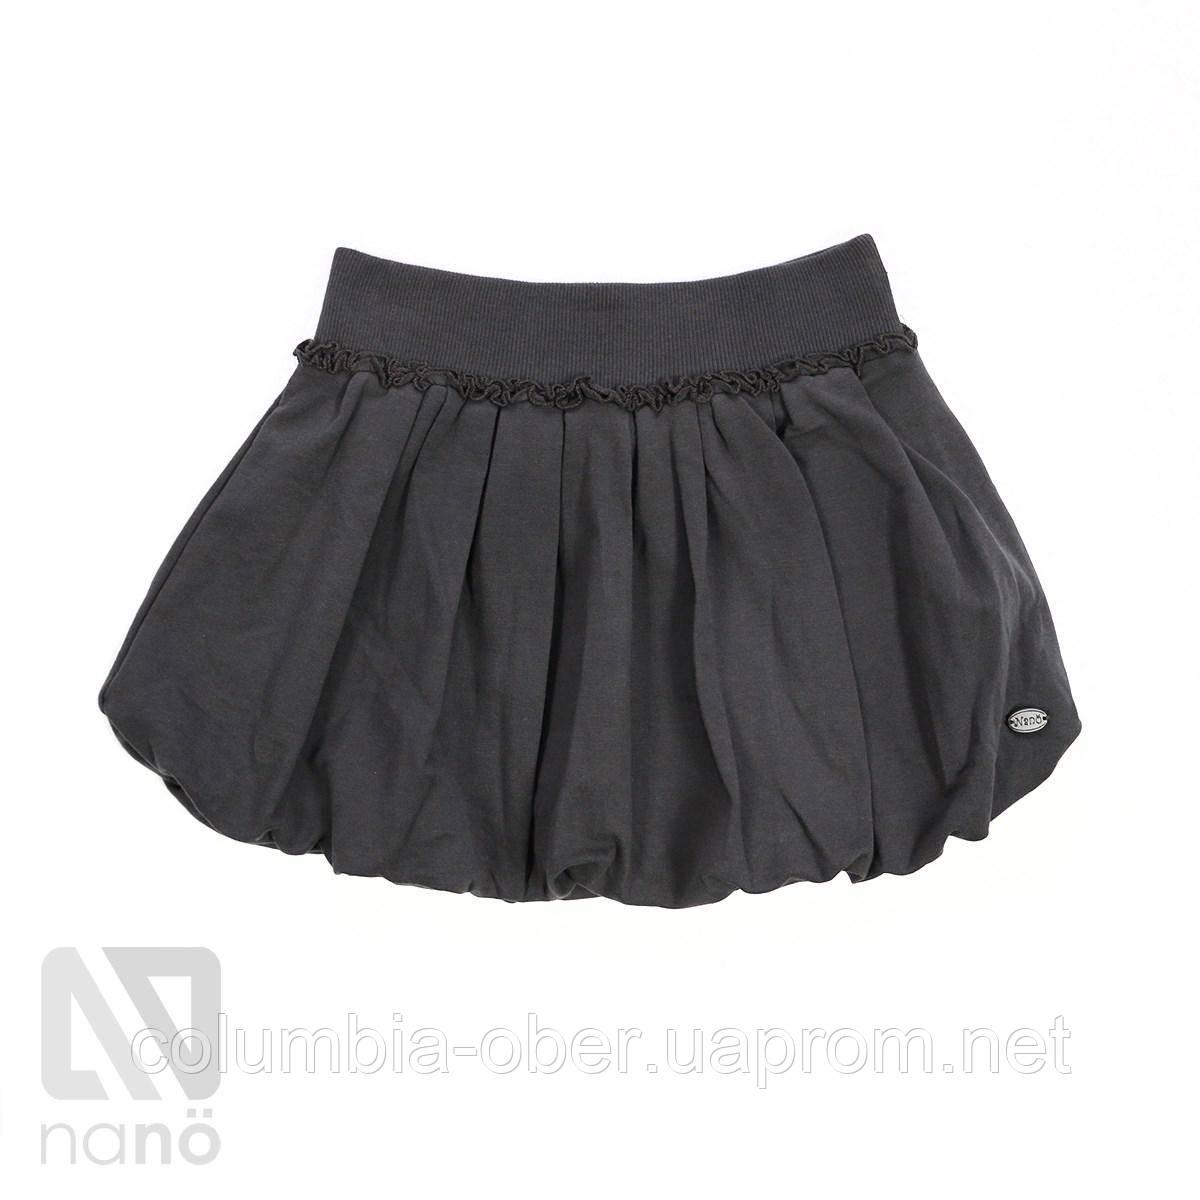 Юбка для девочки Nano F1402-09 Castlerock. Размеры 92-135.